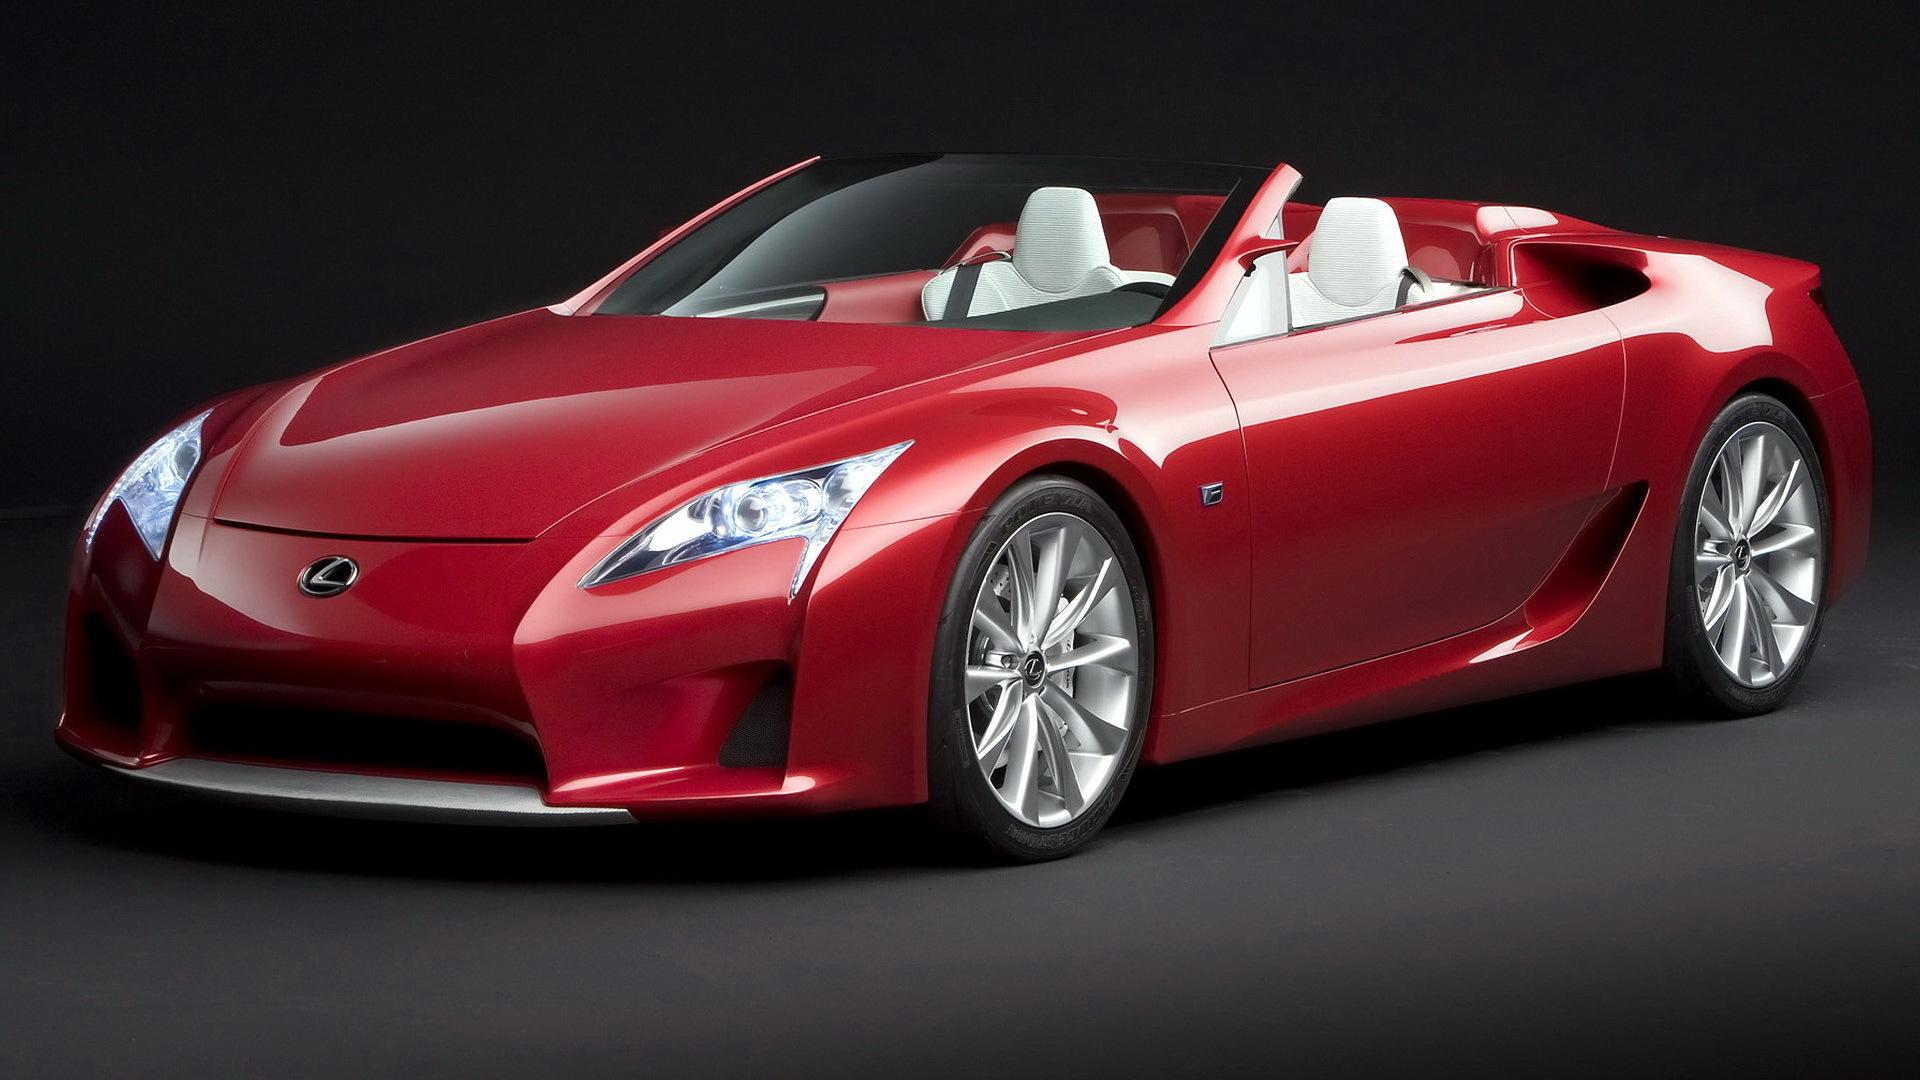 49958 скачать обои Транспорт, Машины, Лексус (Lexus) - заставки и картинки бесплатно